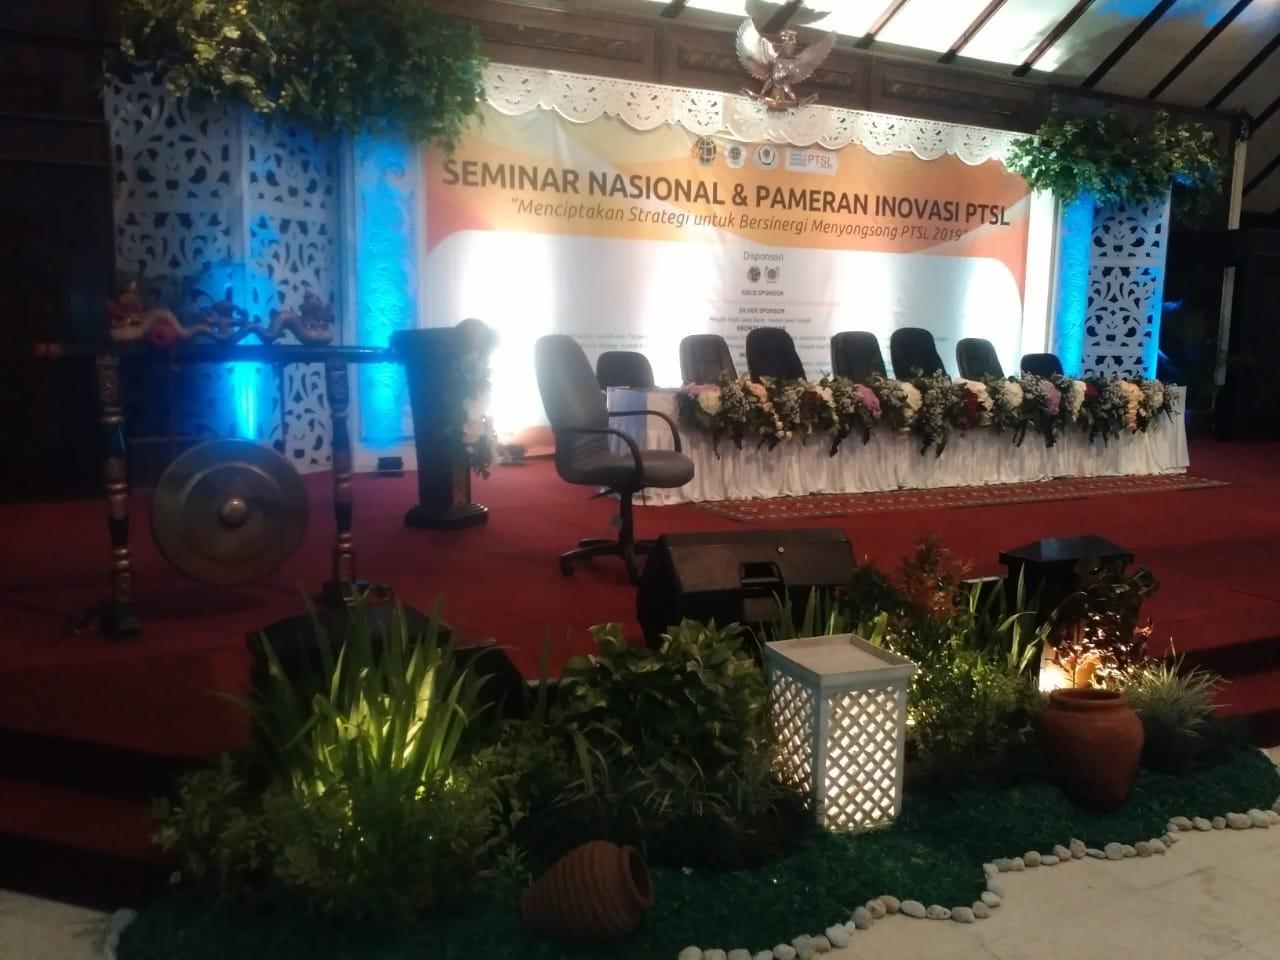 Dekorasi Seminar Yogyakarta